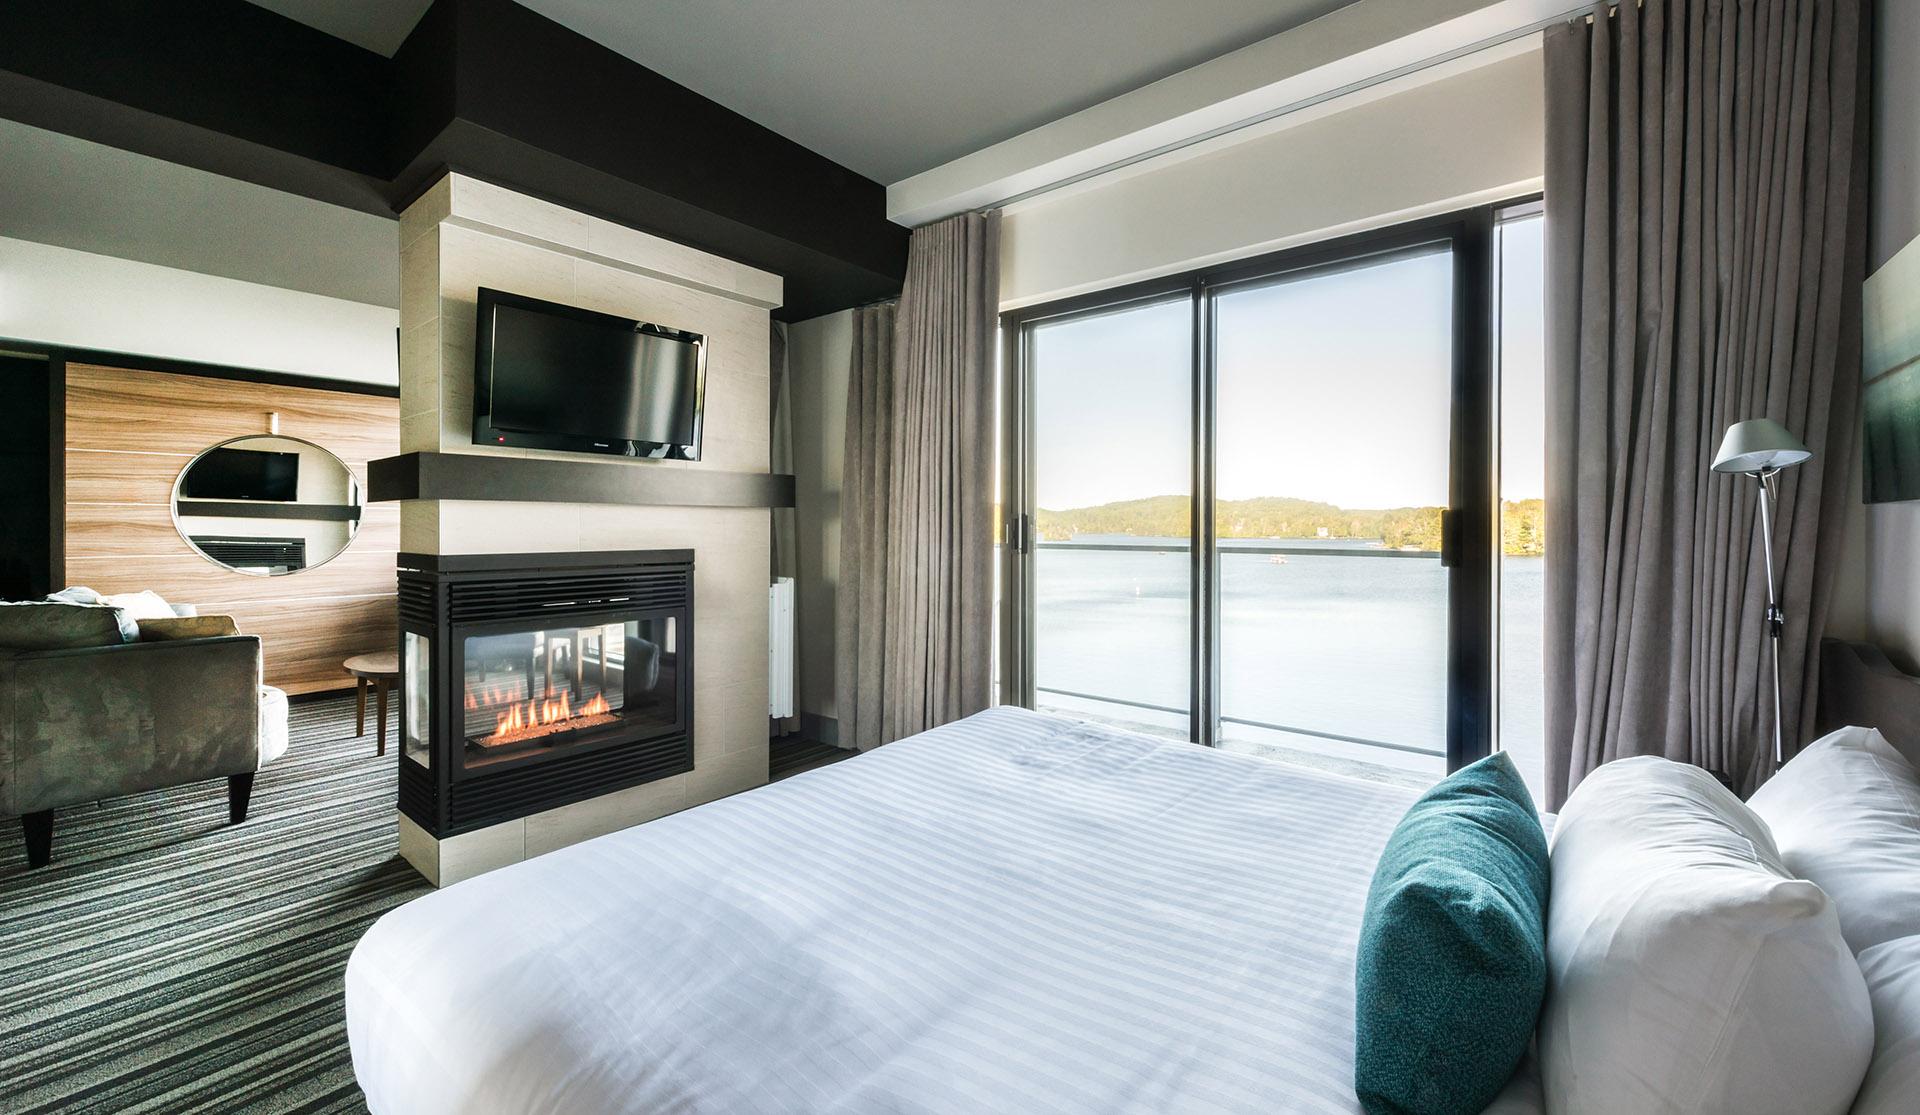 Suite Volution Vue Sur Le Lac Htel Estrel Resort